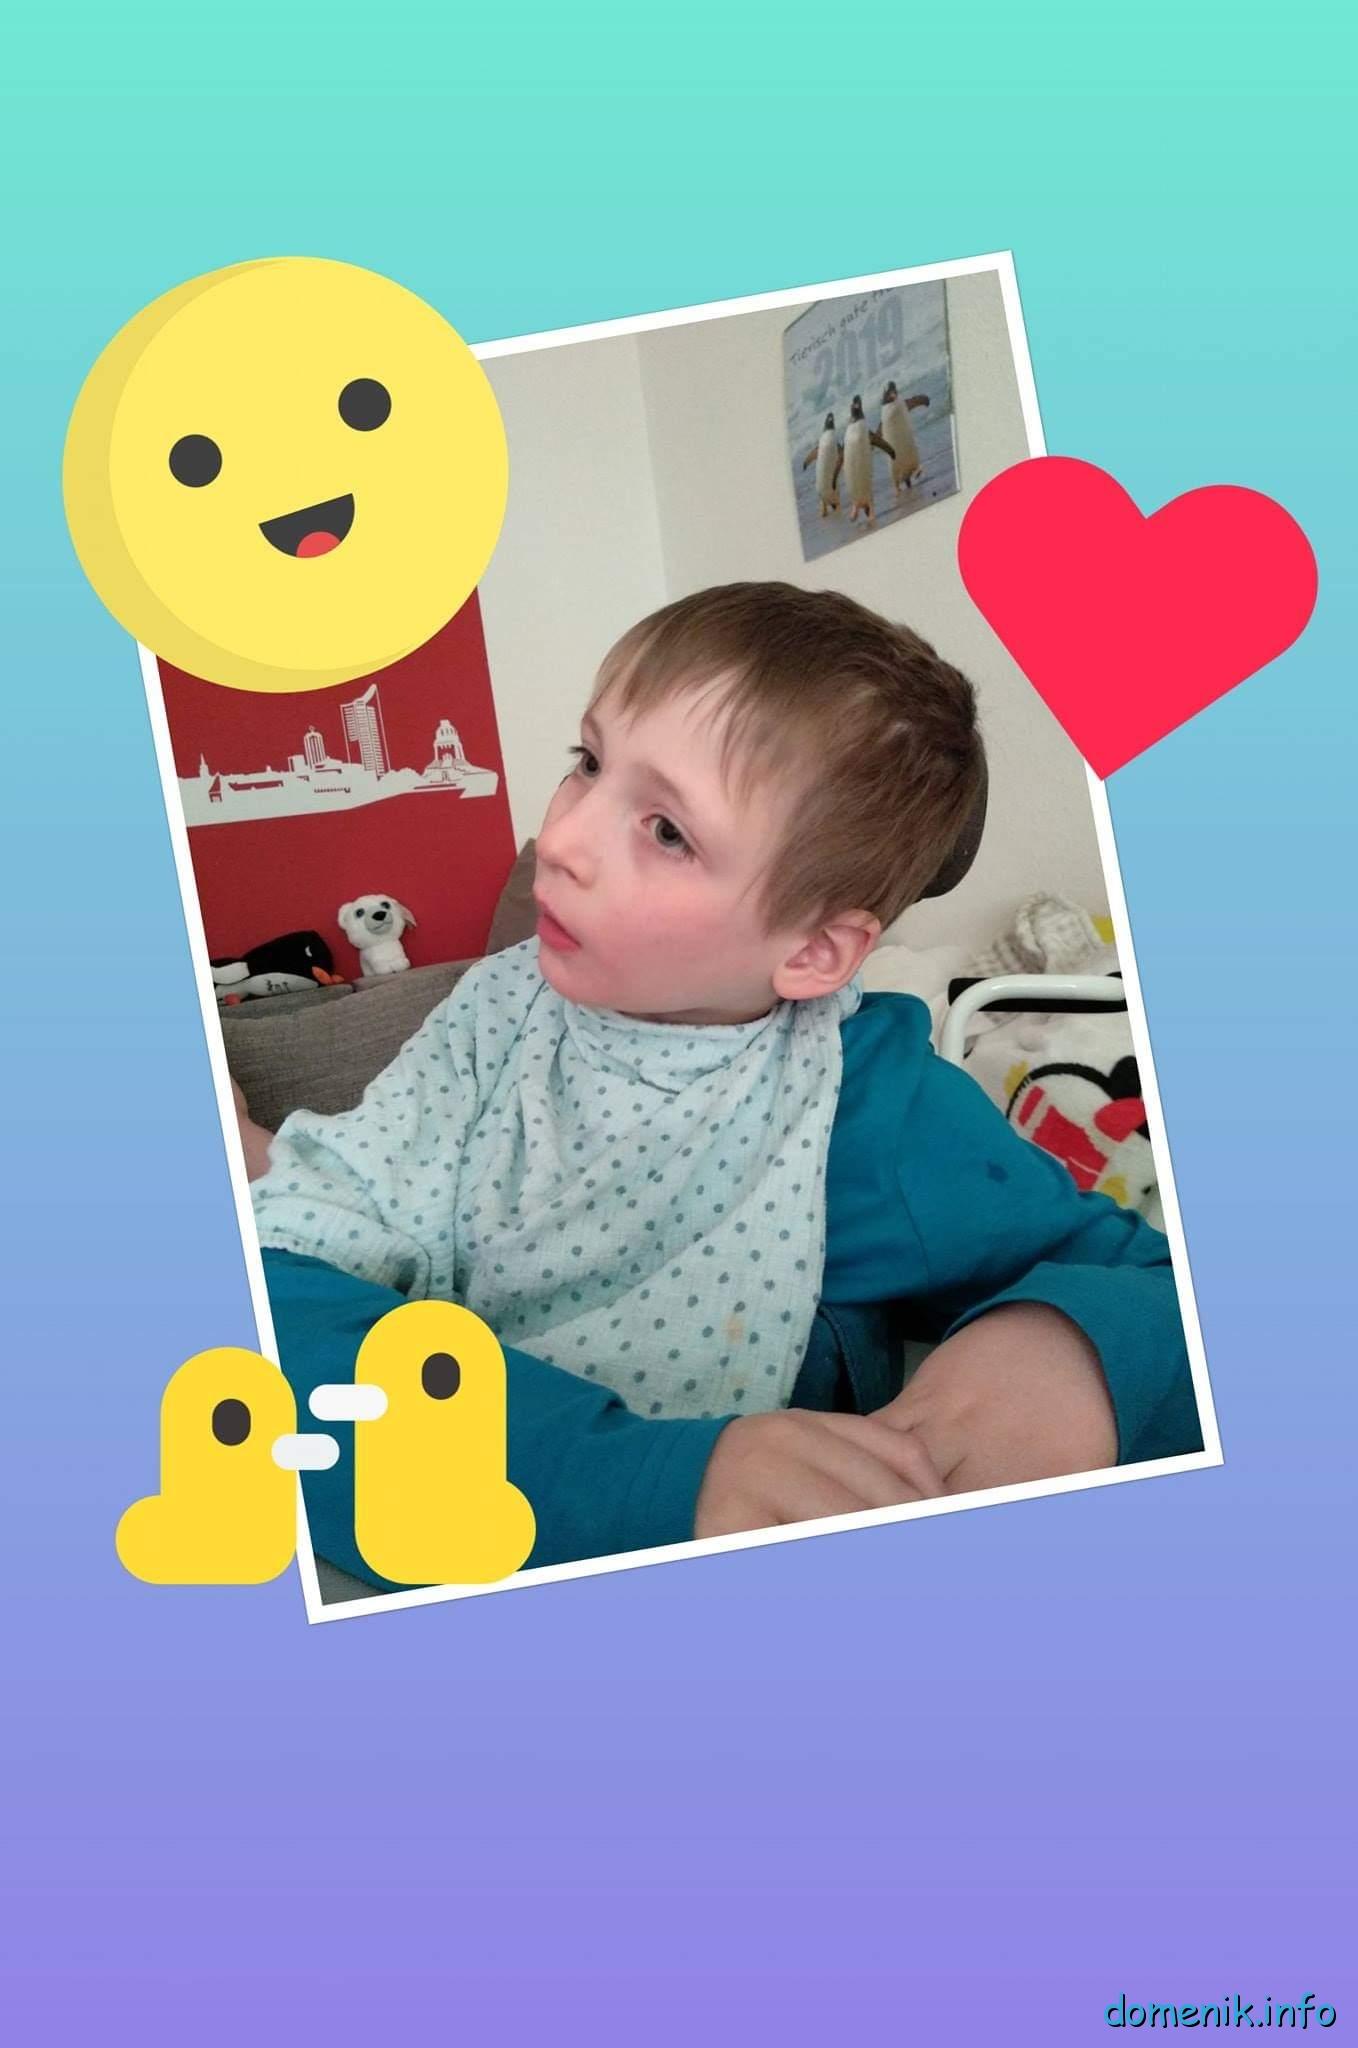 Plüschkissen wütend Gesicht Sanft Hamster Kissen Nette Plüsch Hamster Kurze Und Super Lustige Spielzeug Geschenk Für Freundin Kinder Plüsch Kissen Spielzeug